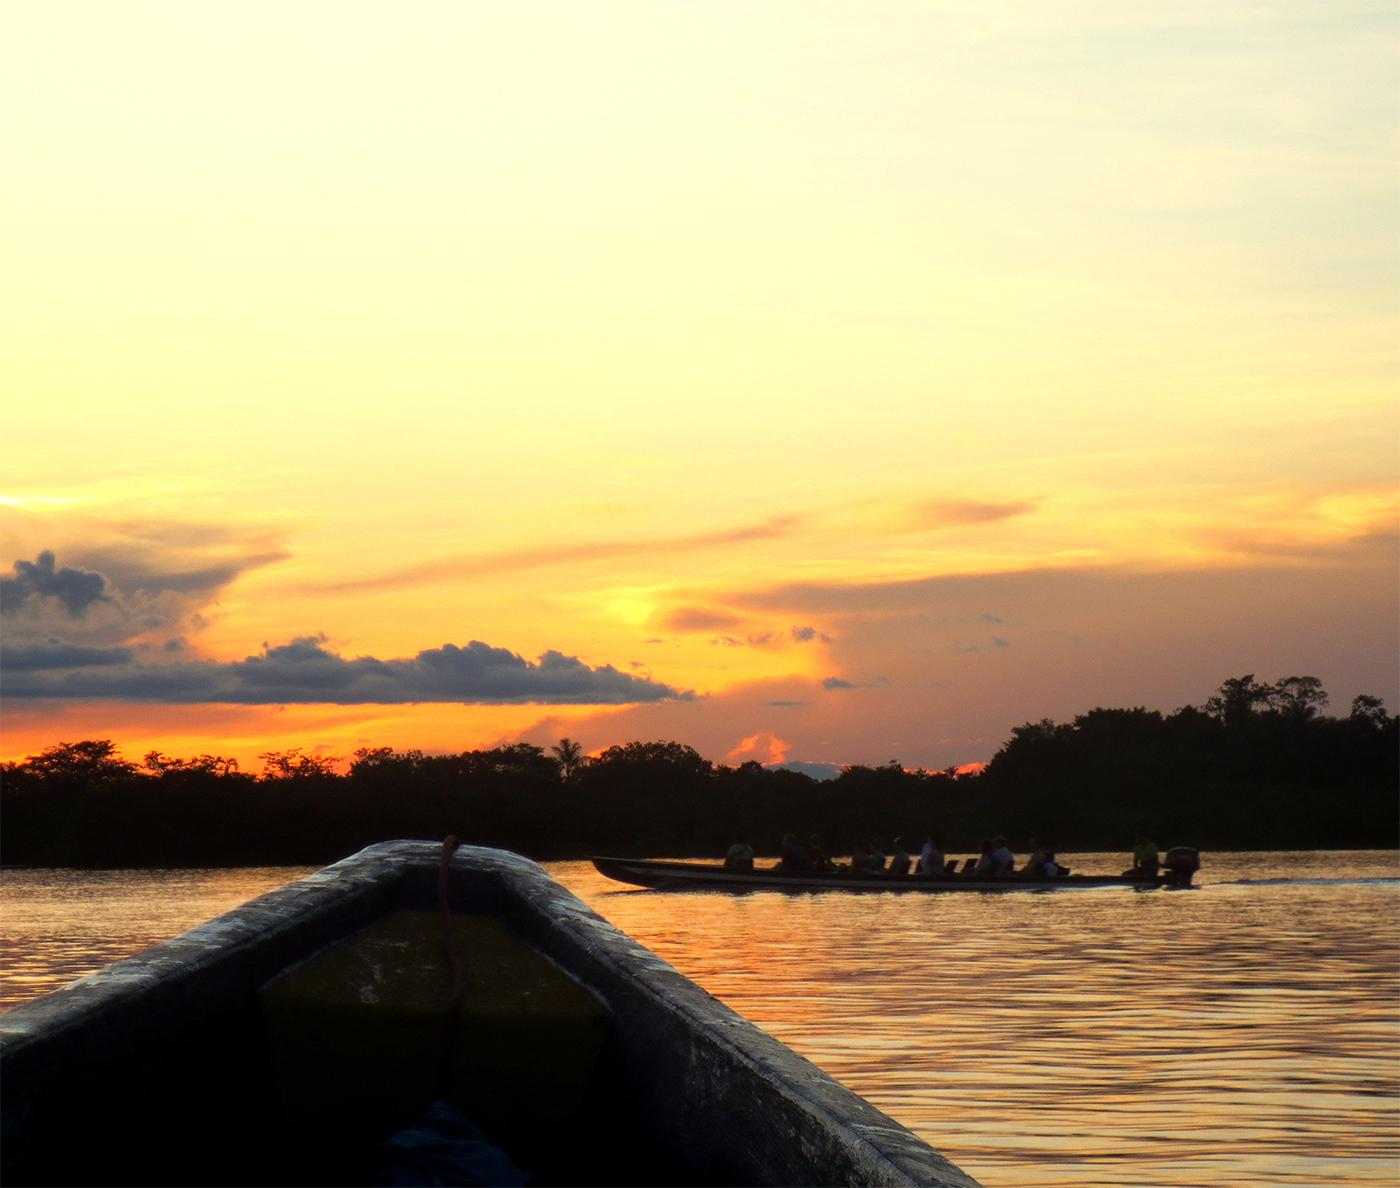 The Amazone